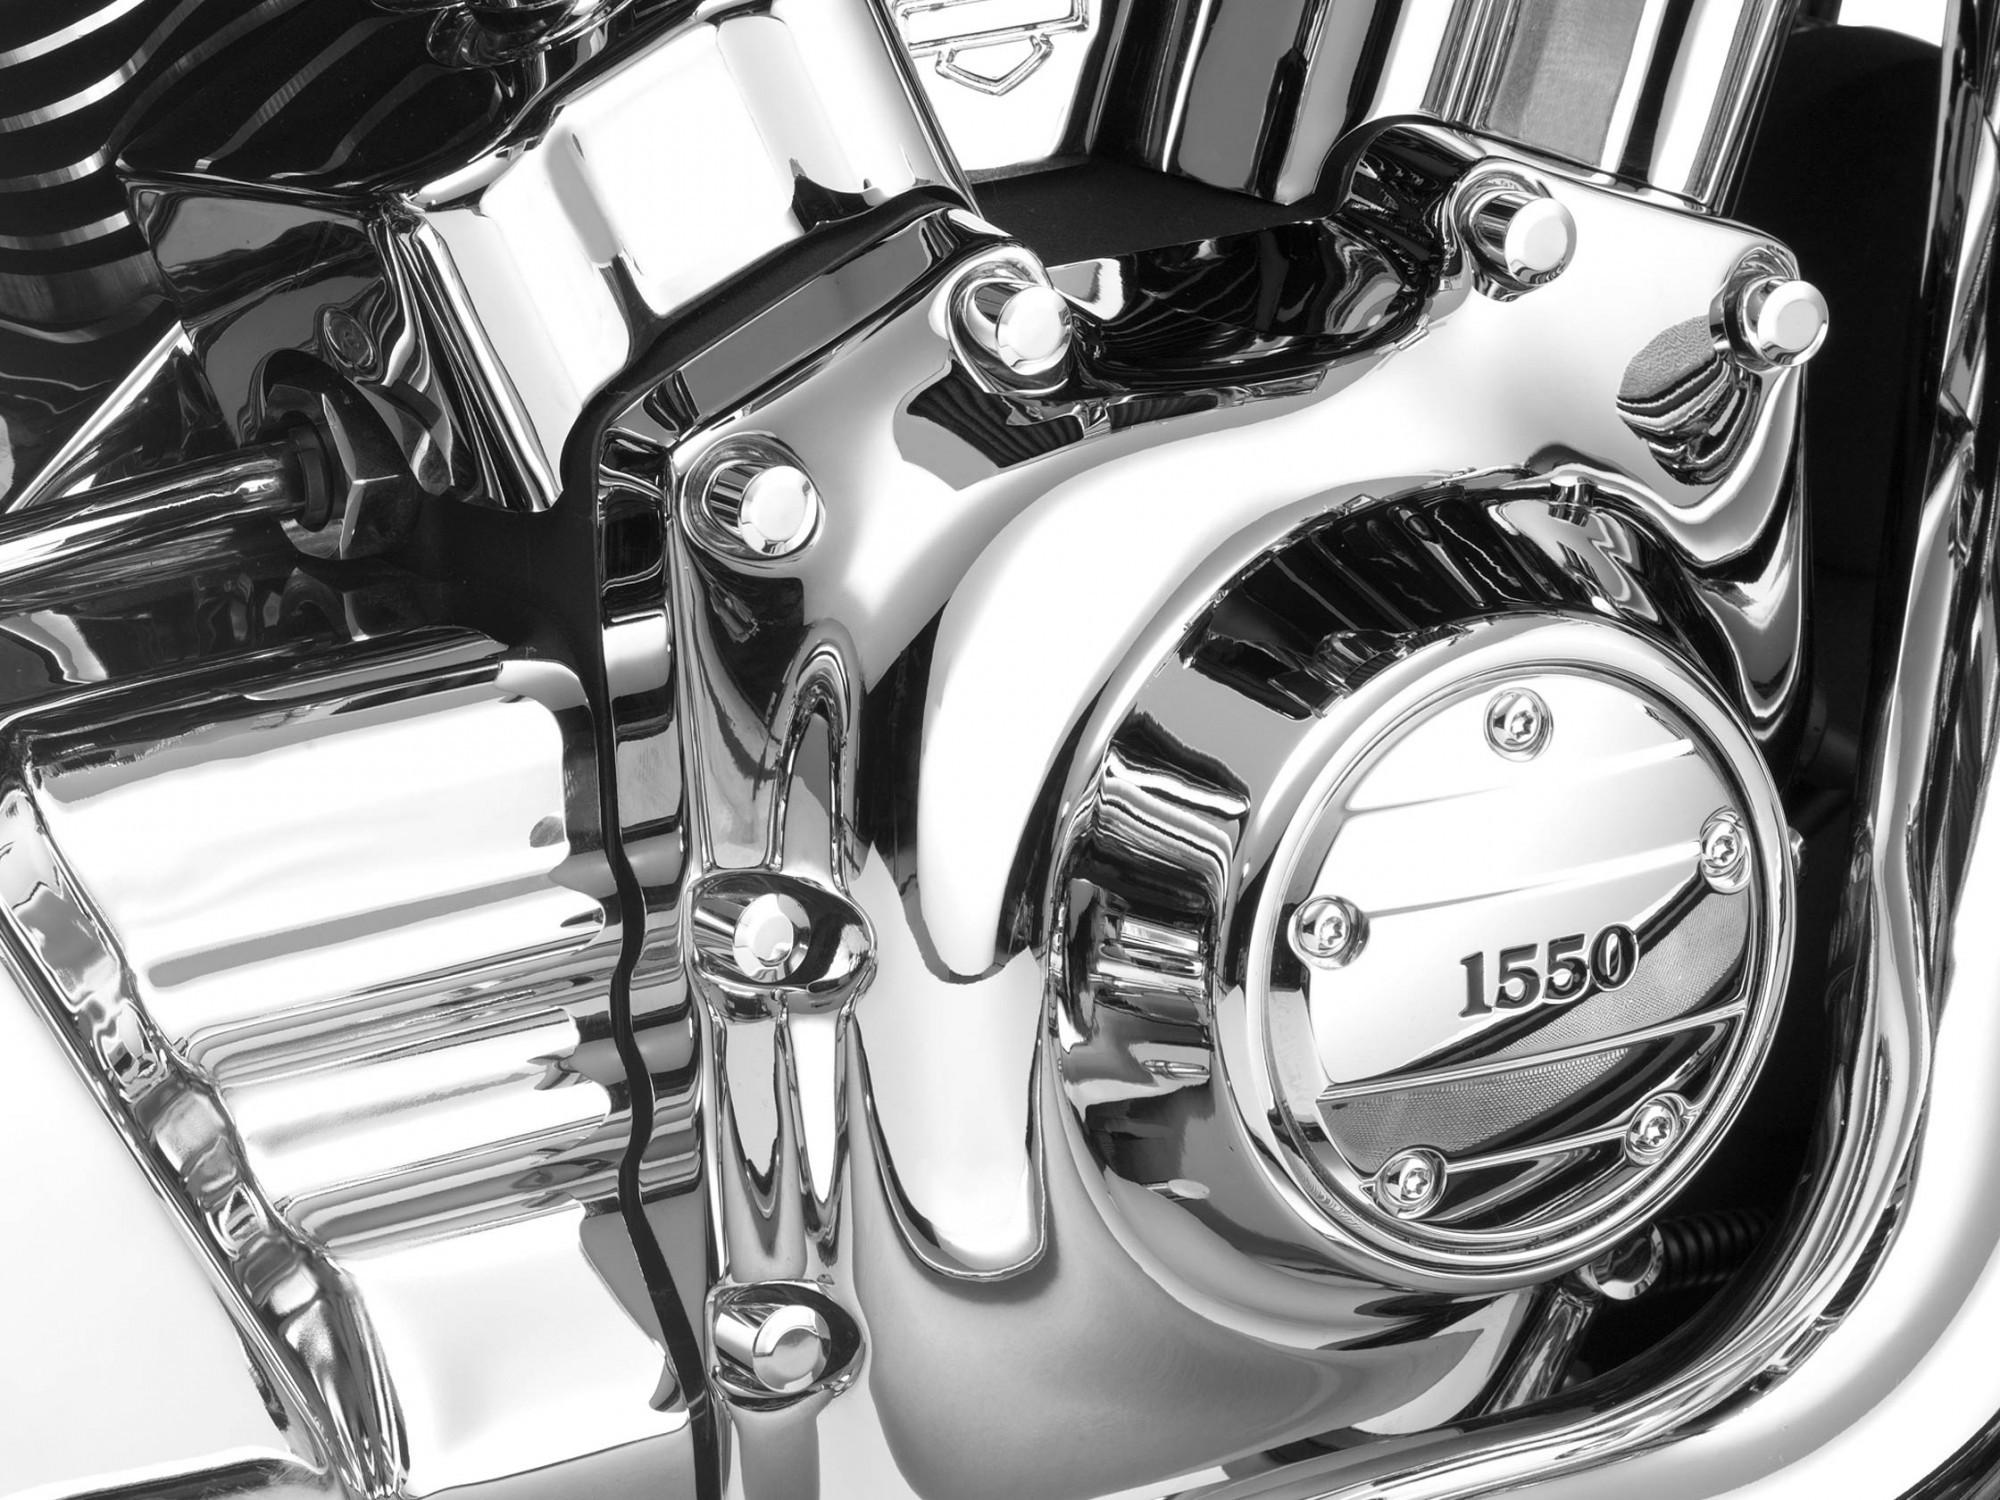 Cantabria Harley Davidson Categorias de los productos